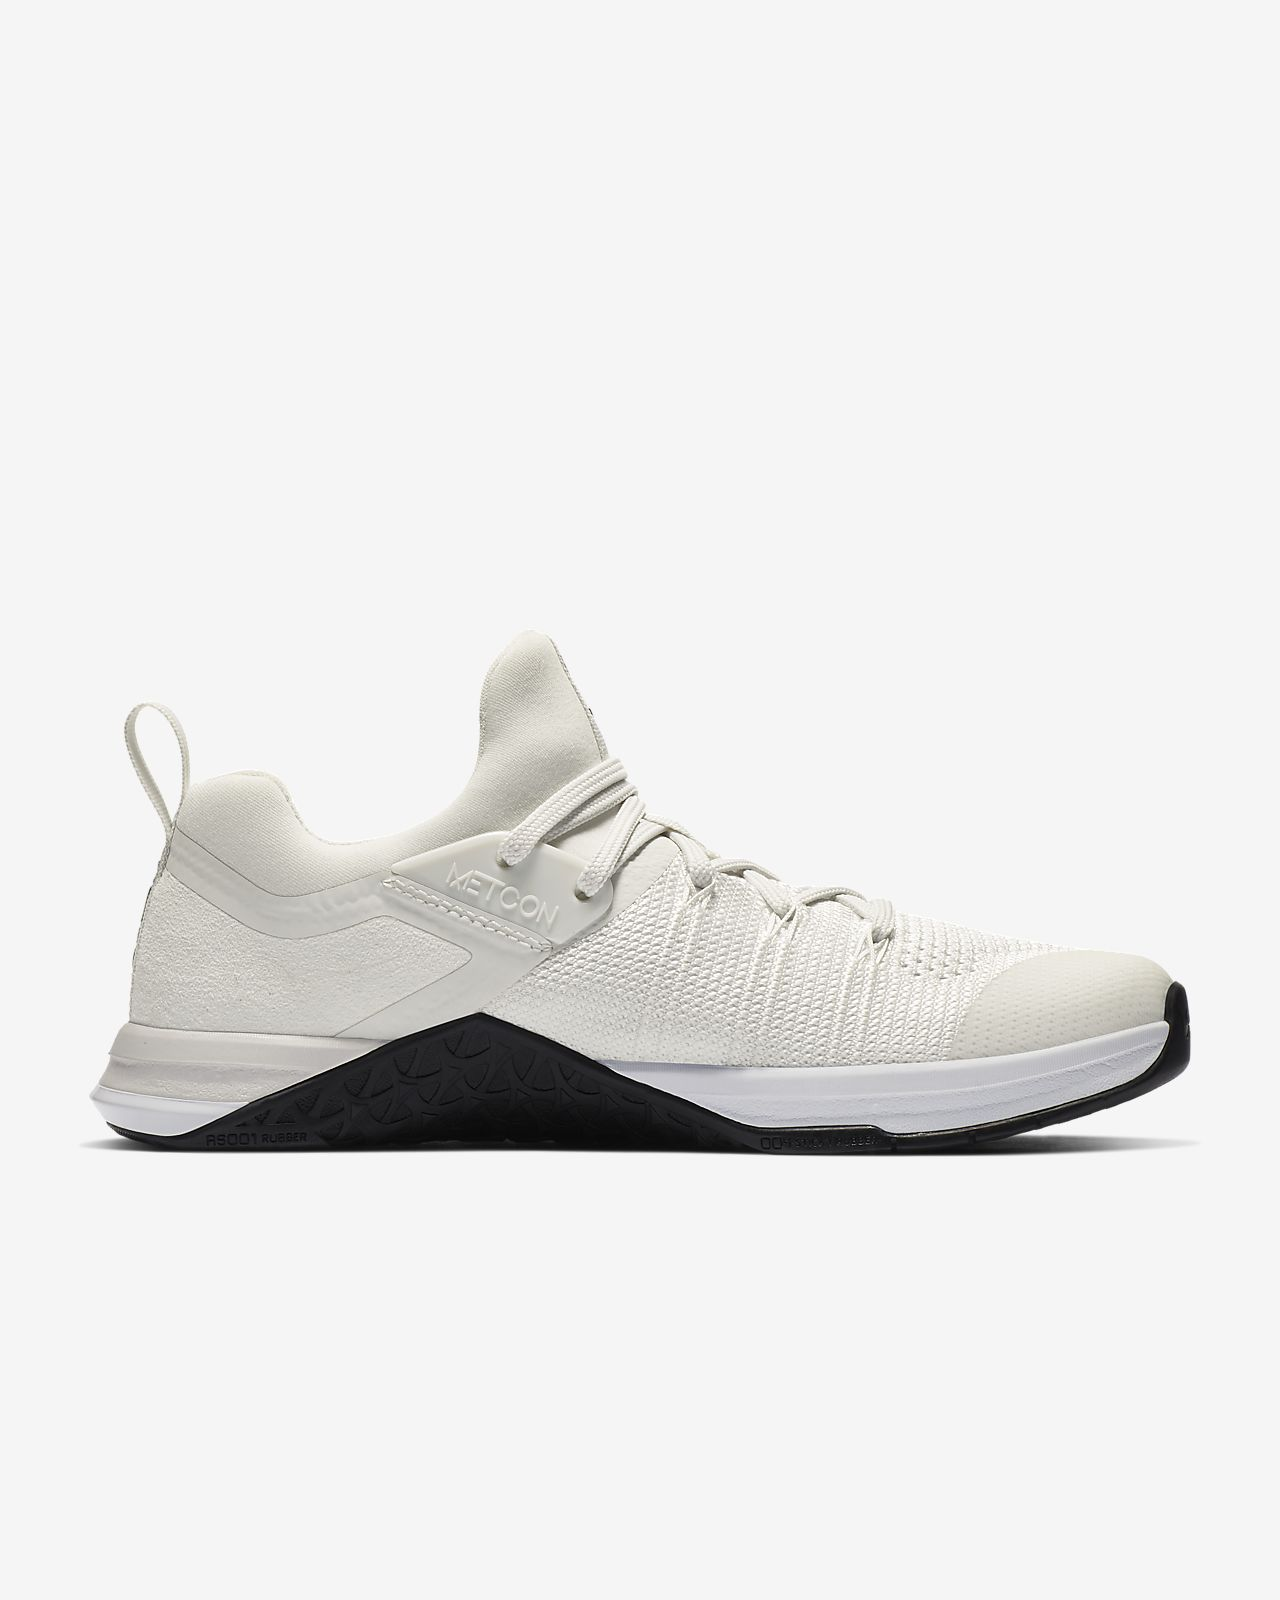 Nike Metcon Flyknit 3 Zapatillas de cross training y levantamiento de pesas Mujer